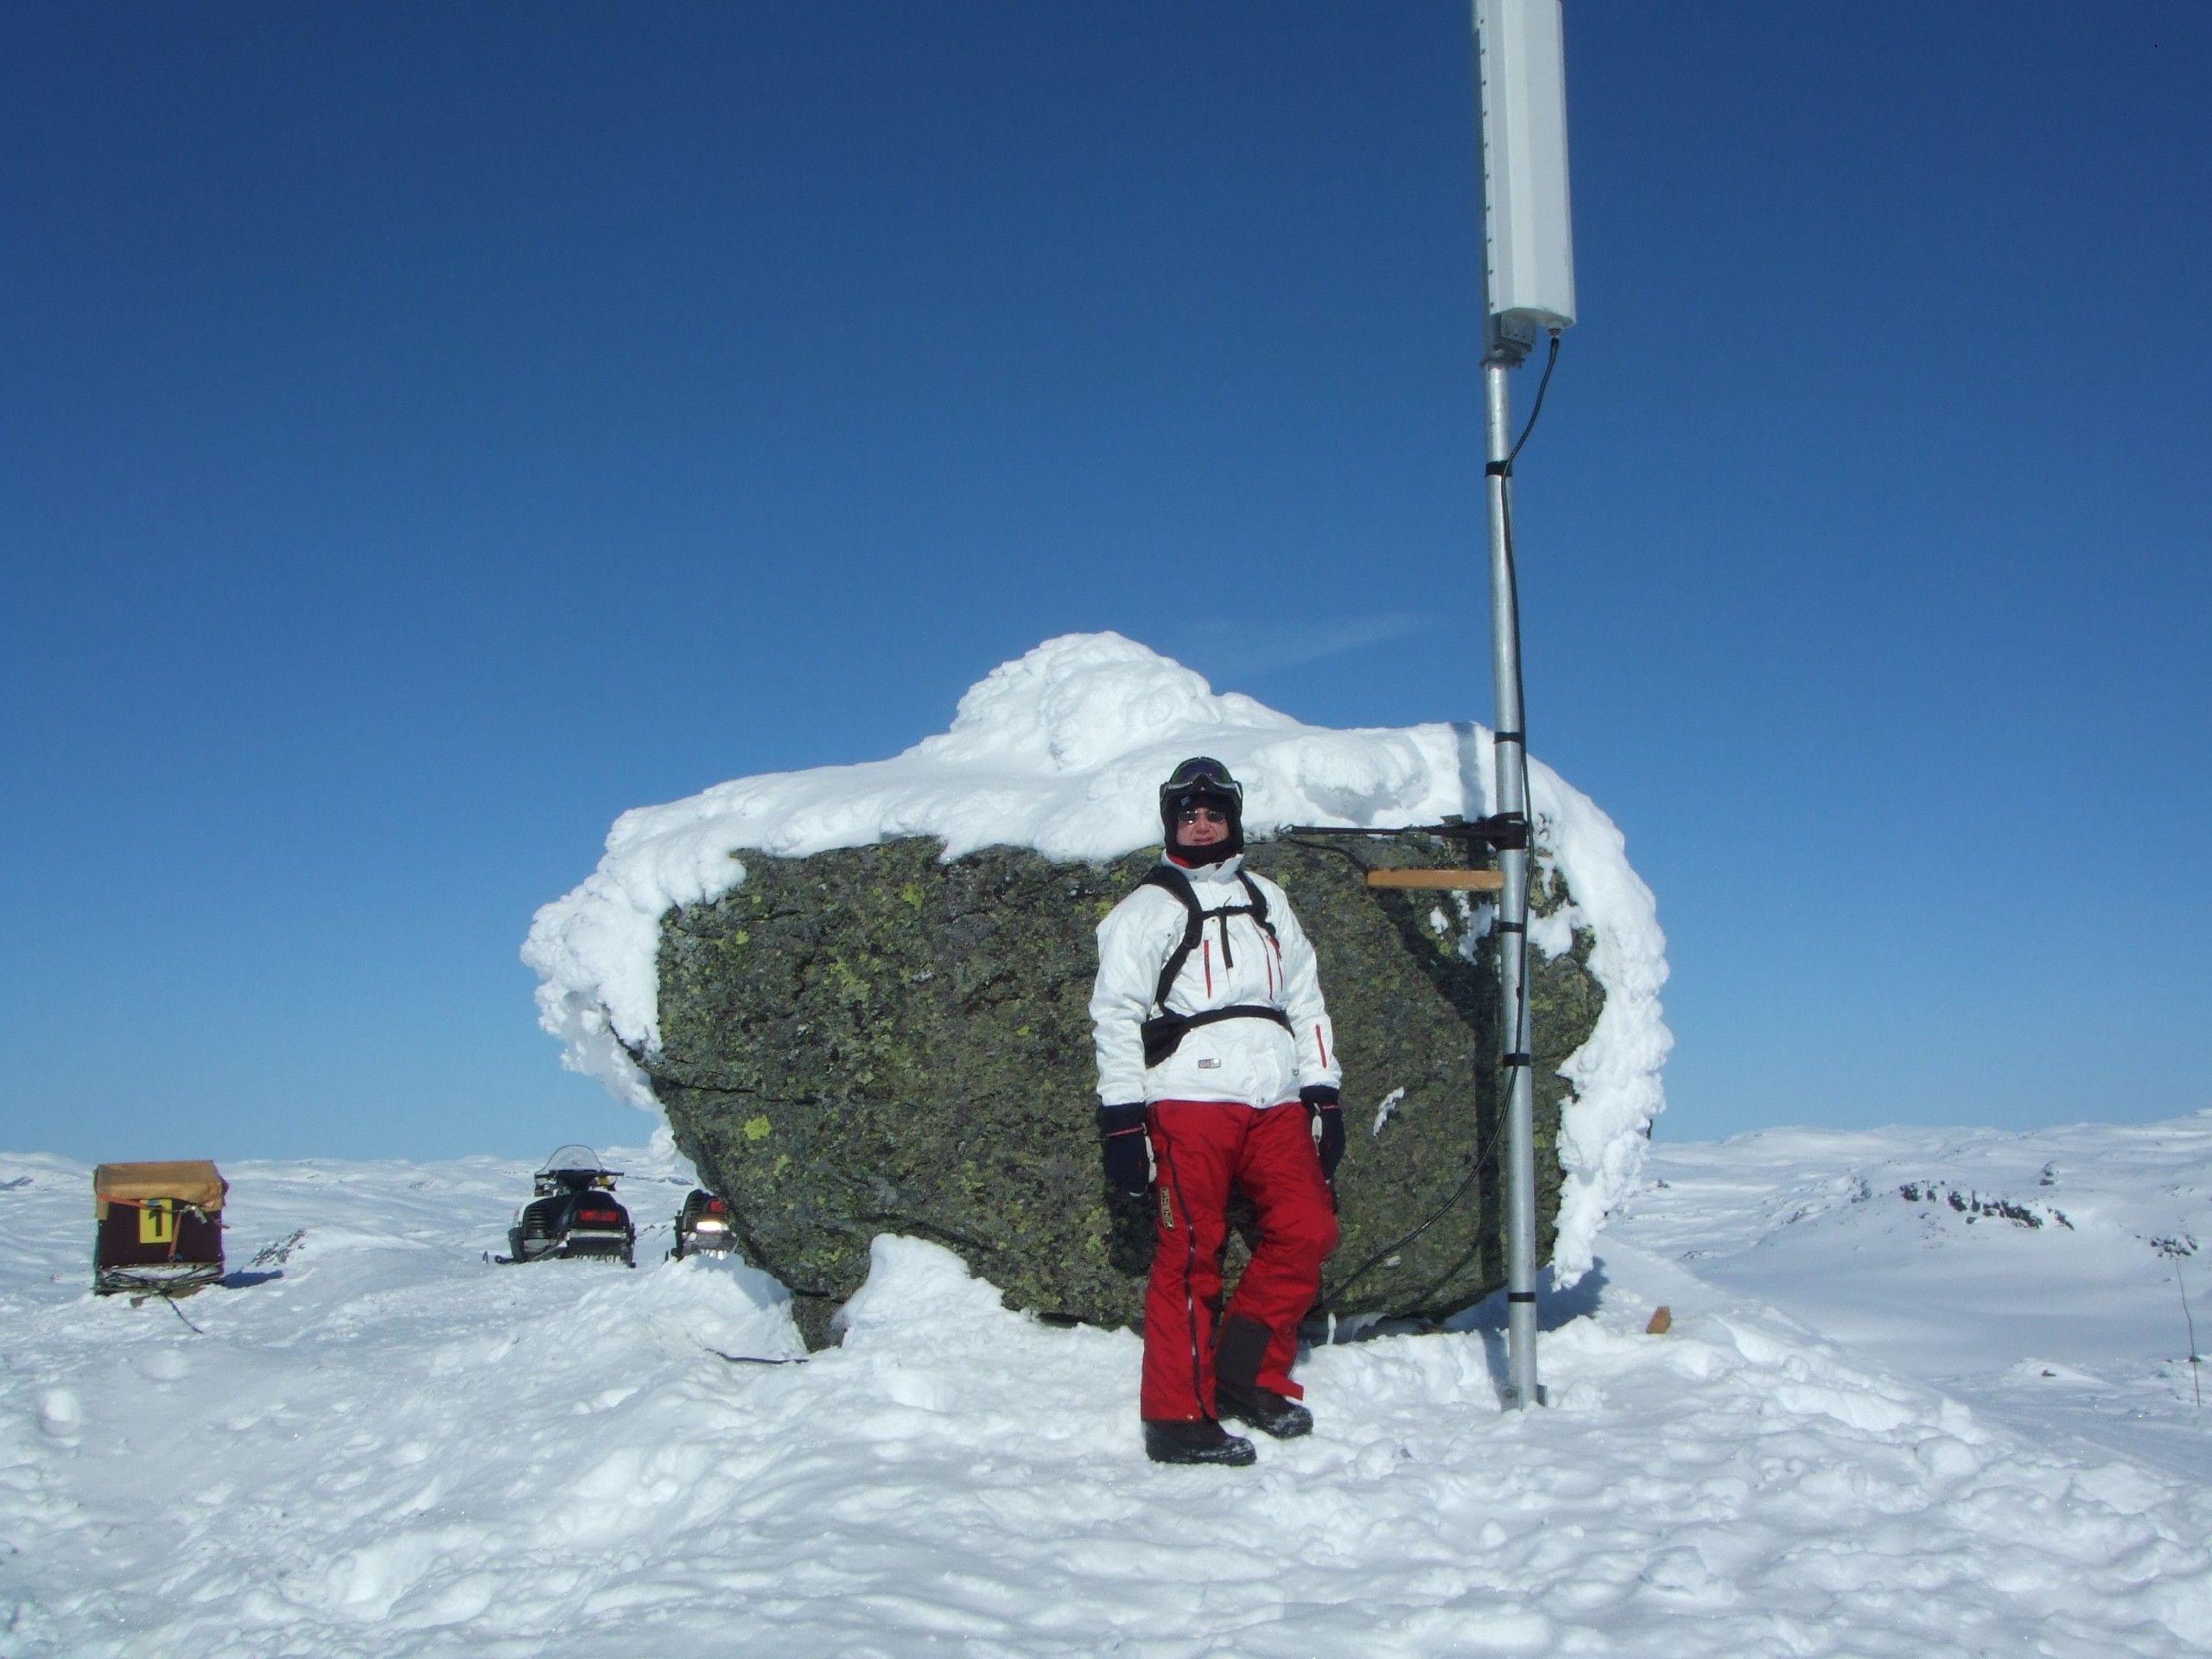 Dekningsdirektør Bjørn Amundsen i Telenor foran en midlertidig utplassert basestasjon.Foto: Telenor